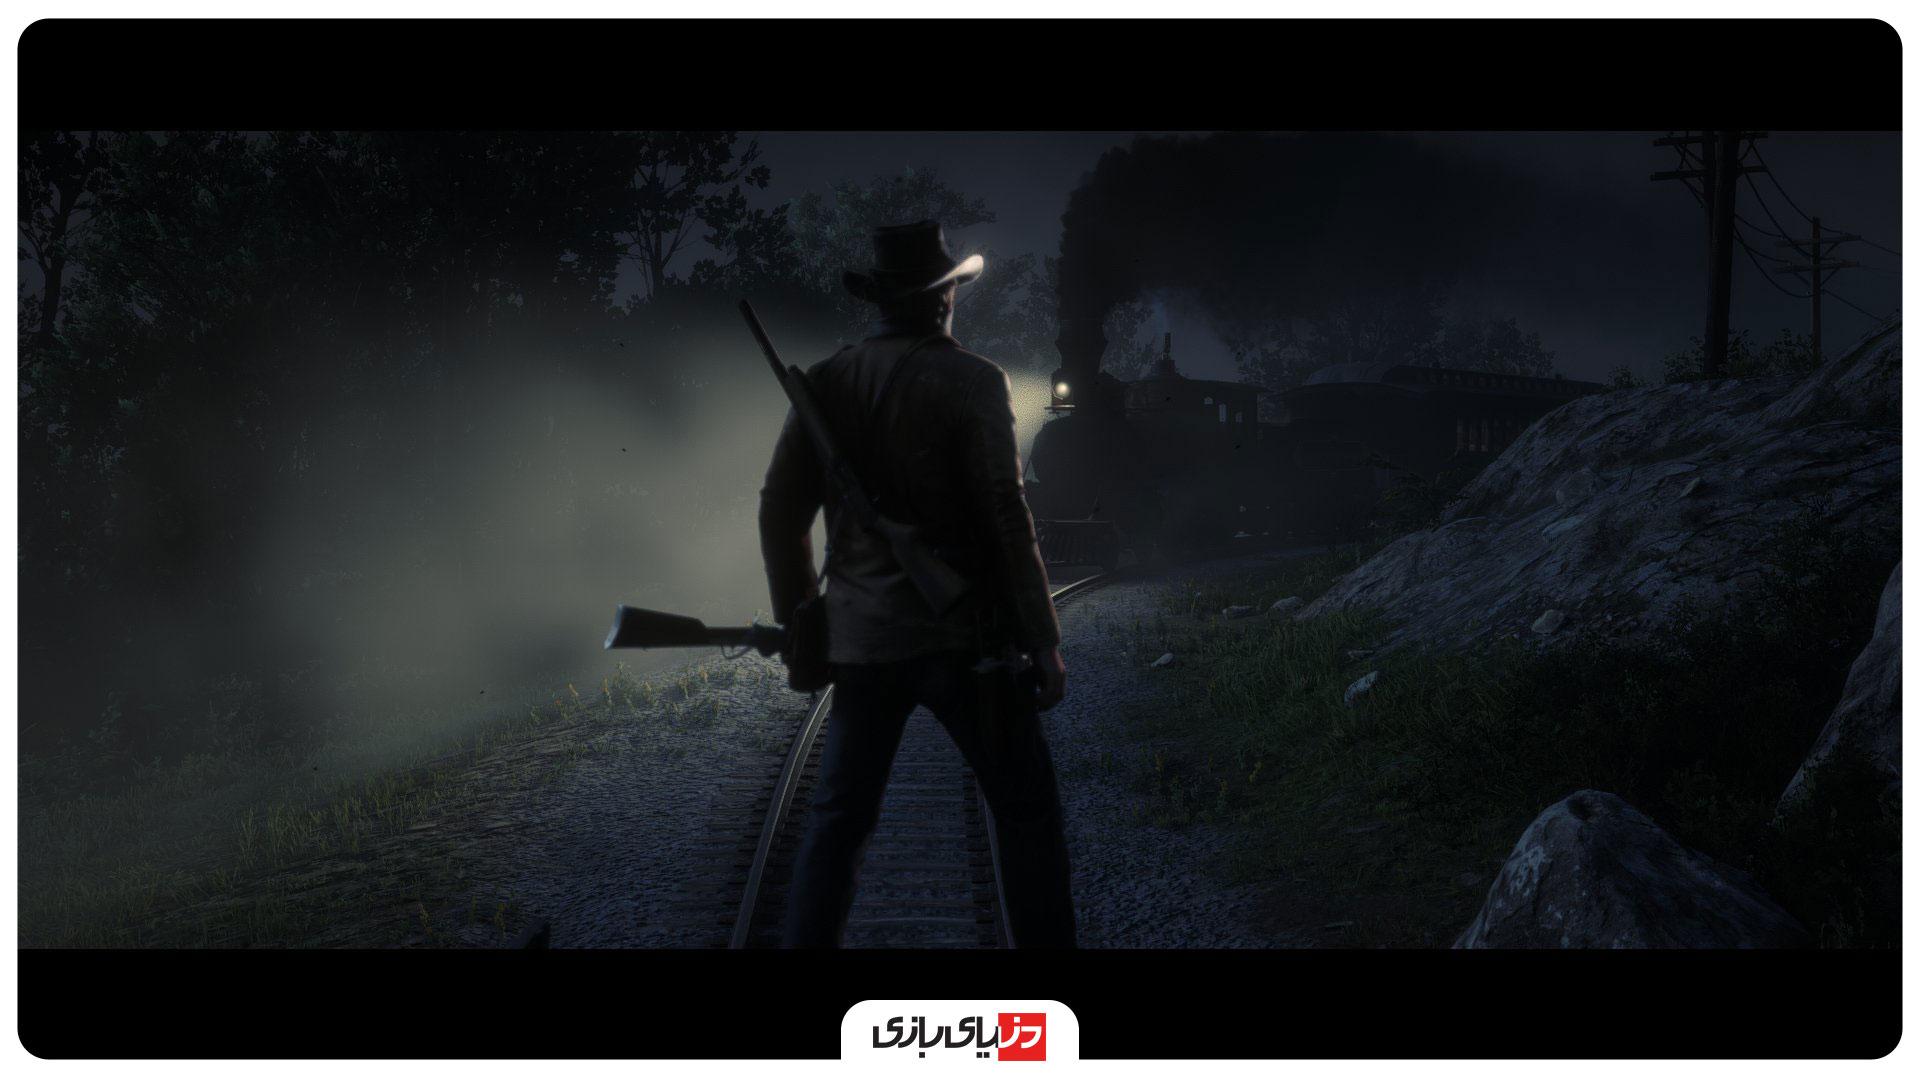 اسکرین شات بازی Red Dead Redemption 2 - امیر فراهانی